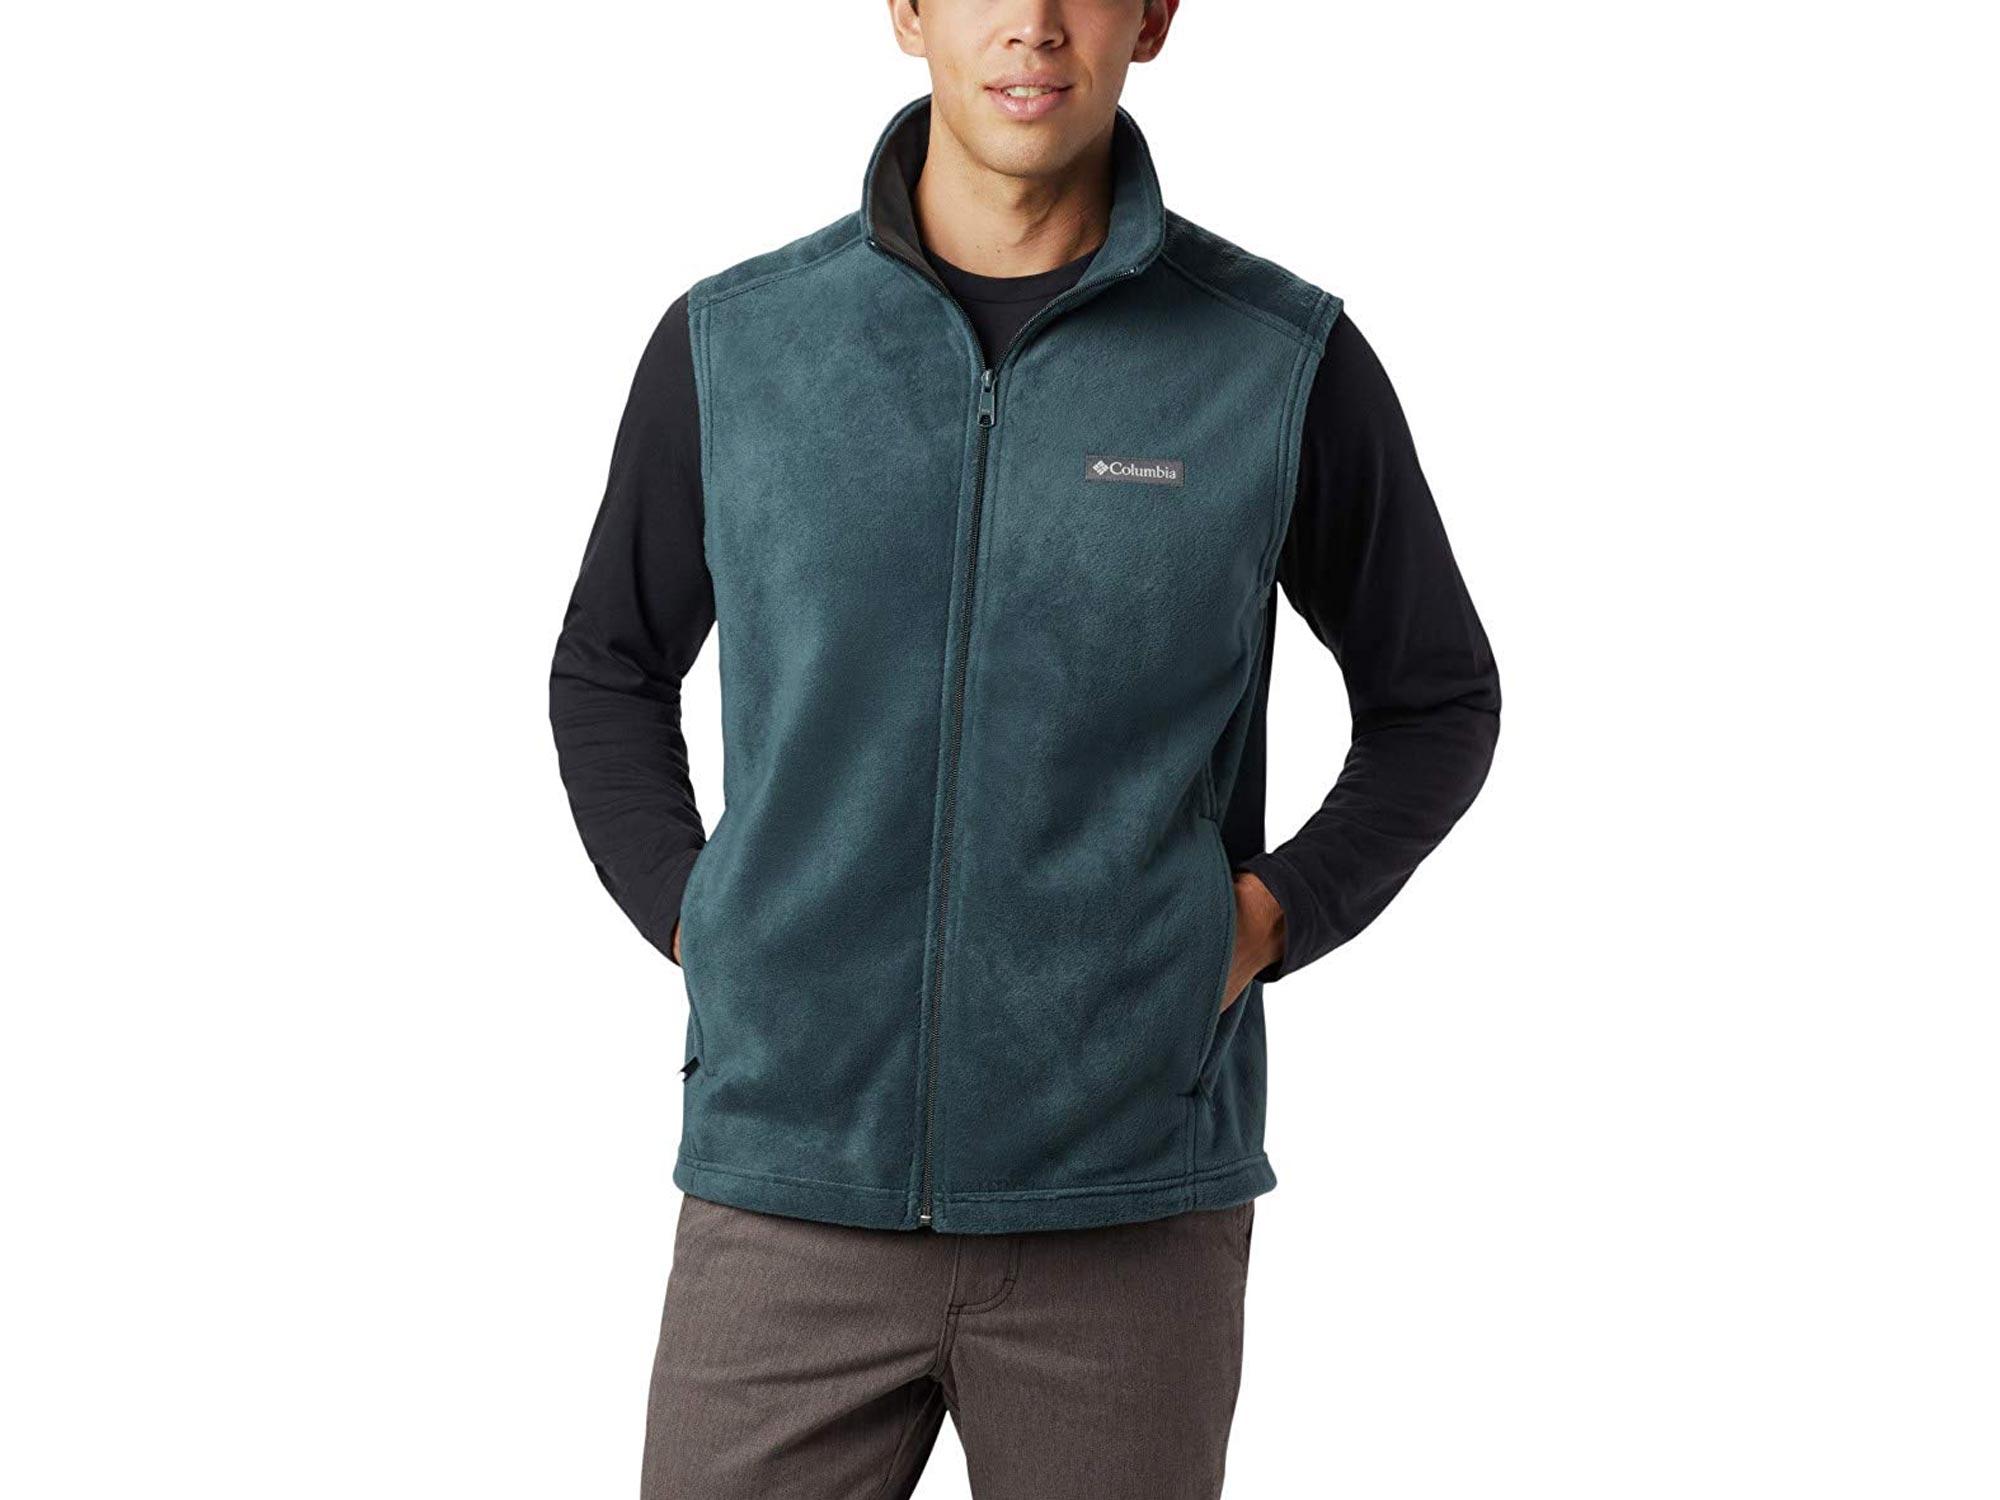 Man wearing green Columbia fleece vest